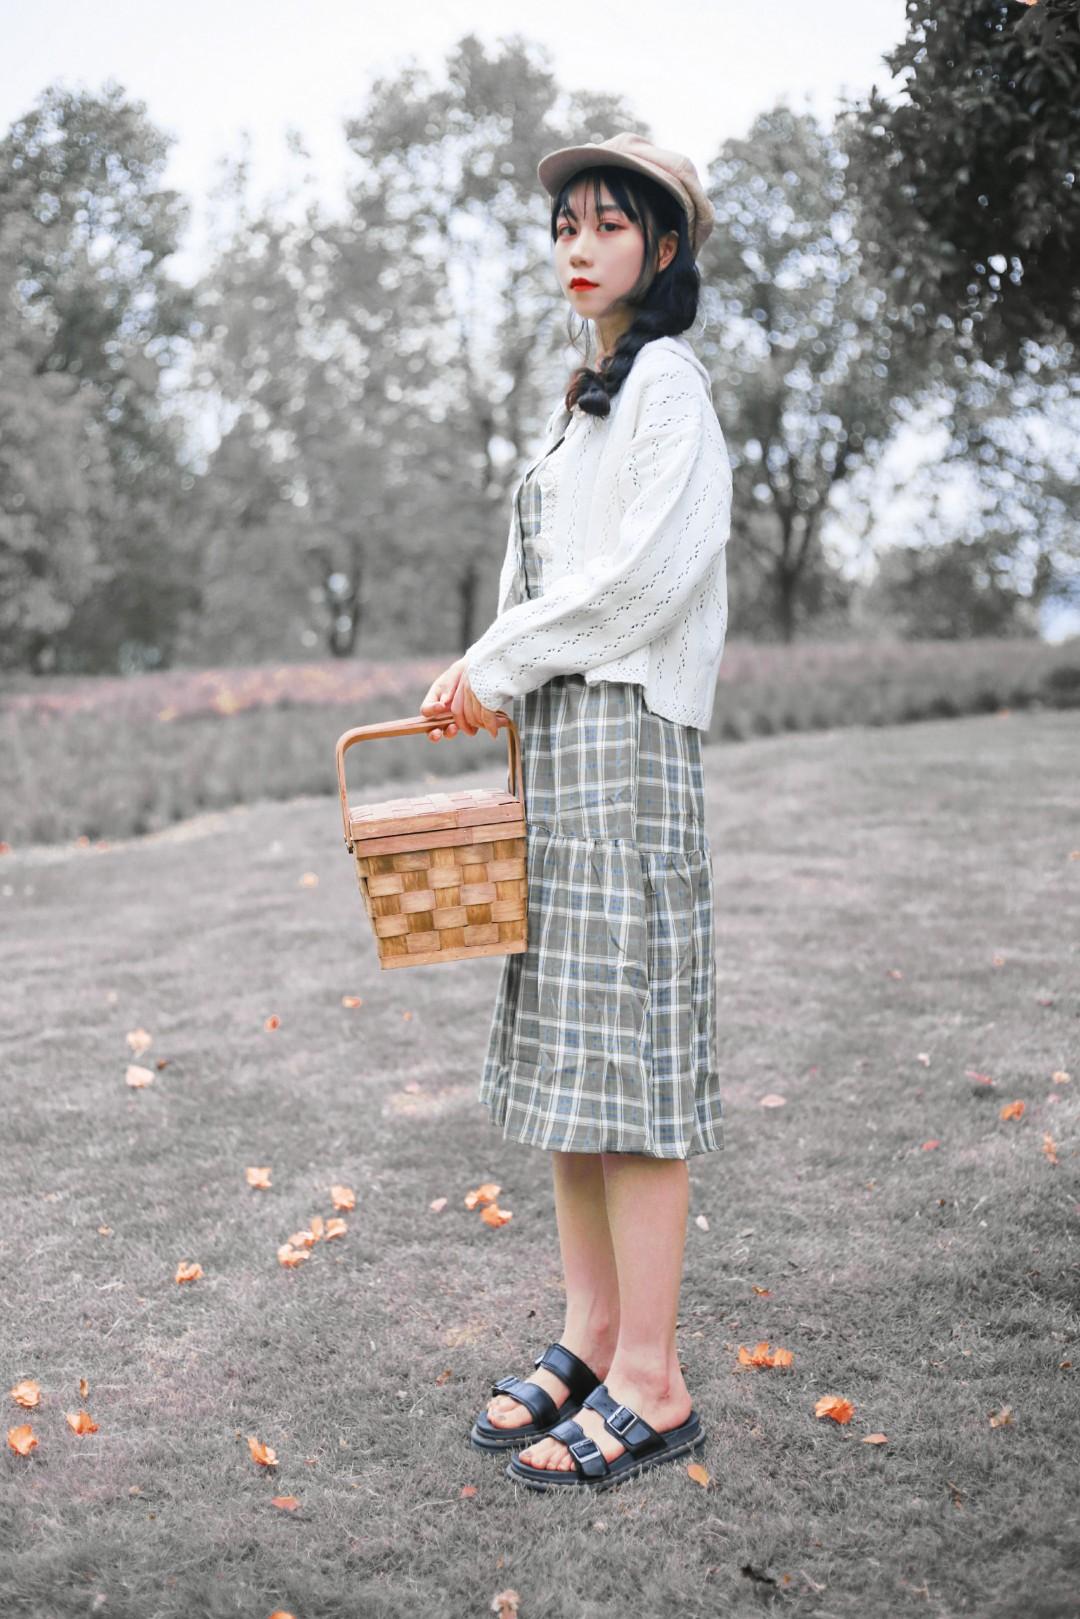 #中秋节见家长乖乖女套装#  我说这件衣服也太乖乖女了吧!! 给人的感觉就很有涵养~~~ 整体也是有一点仙仙的小女孩气质 整个人都被衬托得年轻起来 见家长的不二选择穿搭!!! 而且感觉也是很洋气的!!!超级减龄大法